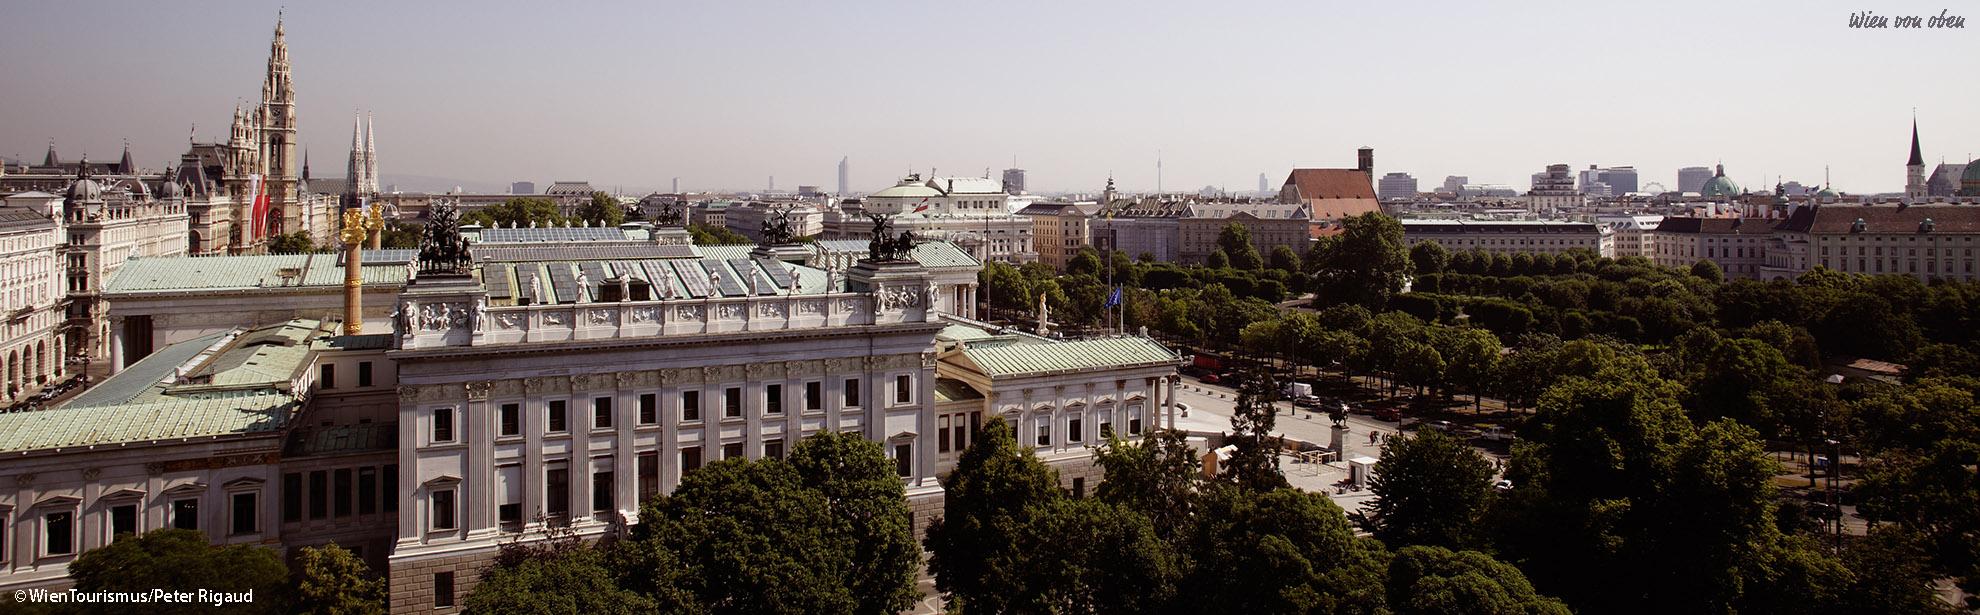 OWienTourismus_Peter_Rigaud_Wien-von-oben_40357